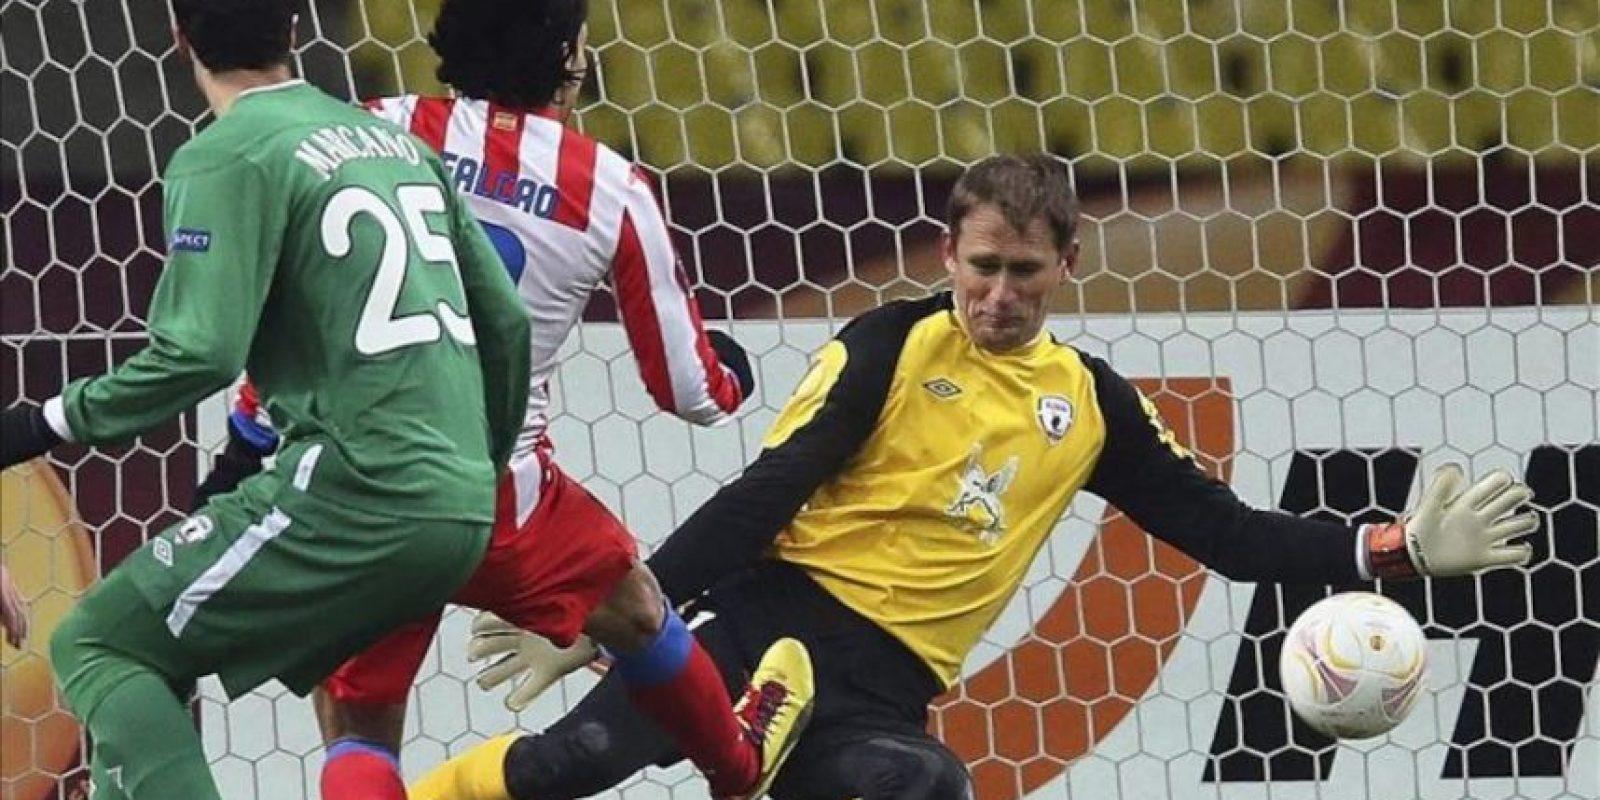 El colombiano Radamel Falcao (c), delantero del Atlético de Madrid, marca el 0-1 ante Sergei Ryzhikov (guardameta) e Iván Marcano (i), del Rubin Kazan. EFE